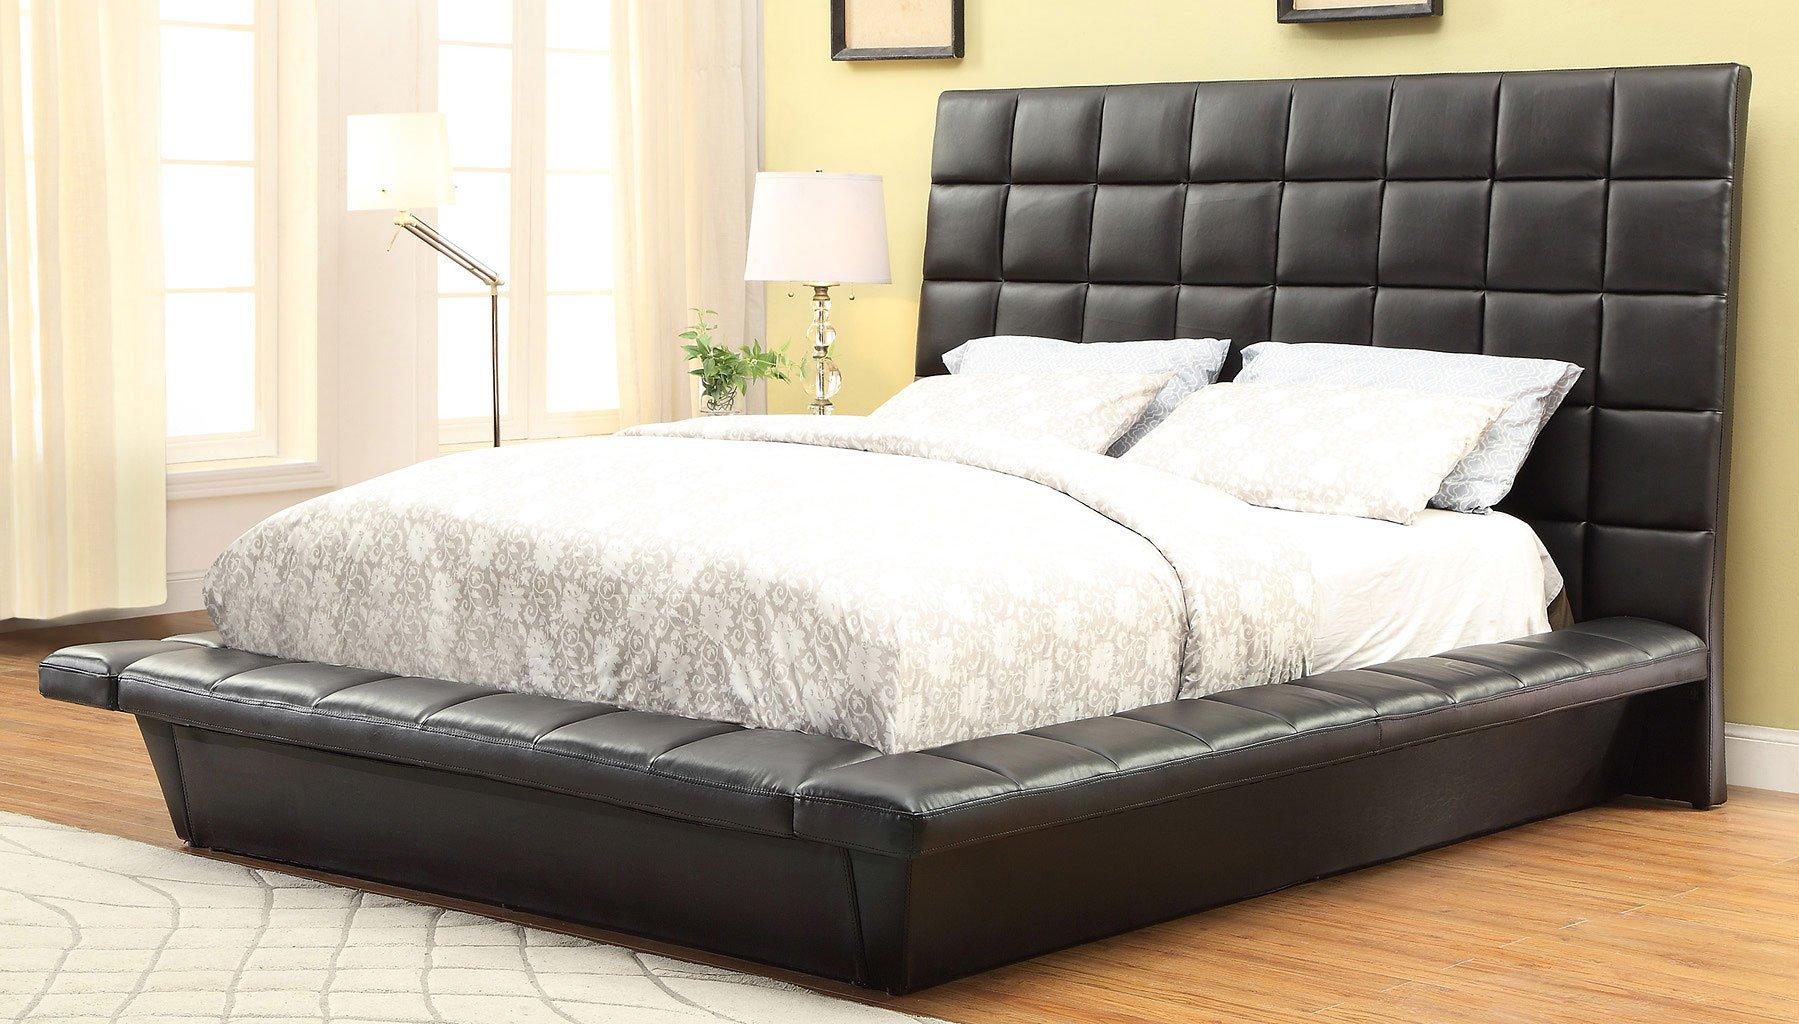 Louisa platform upholstered bed beds bedroom furniture for Furniture n more beds